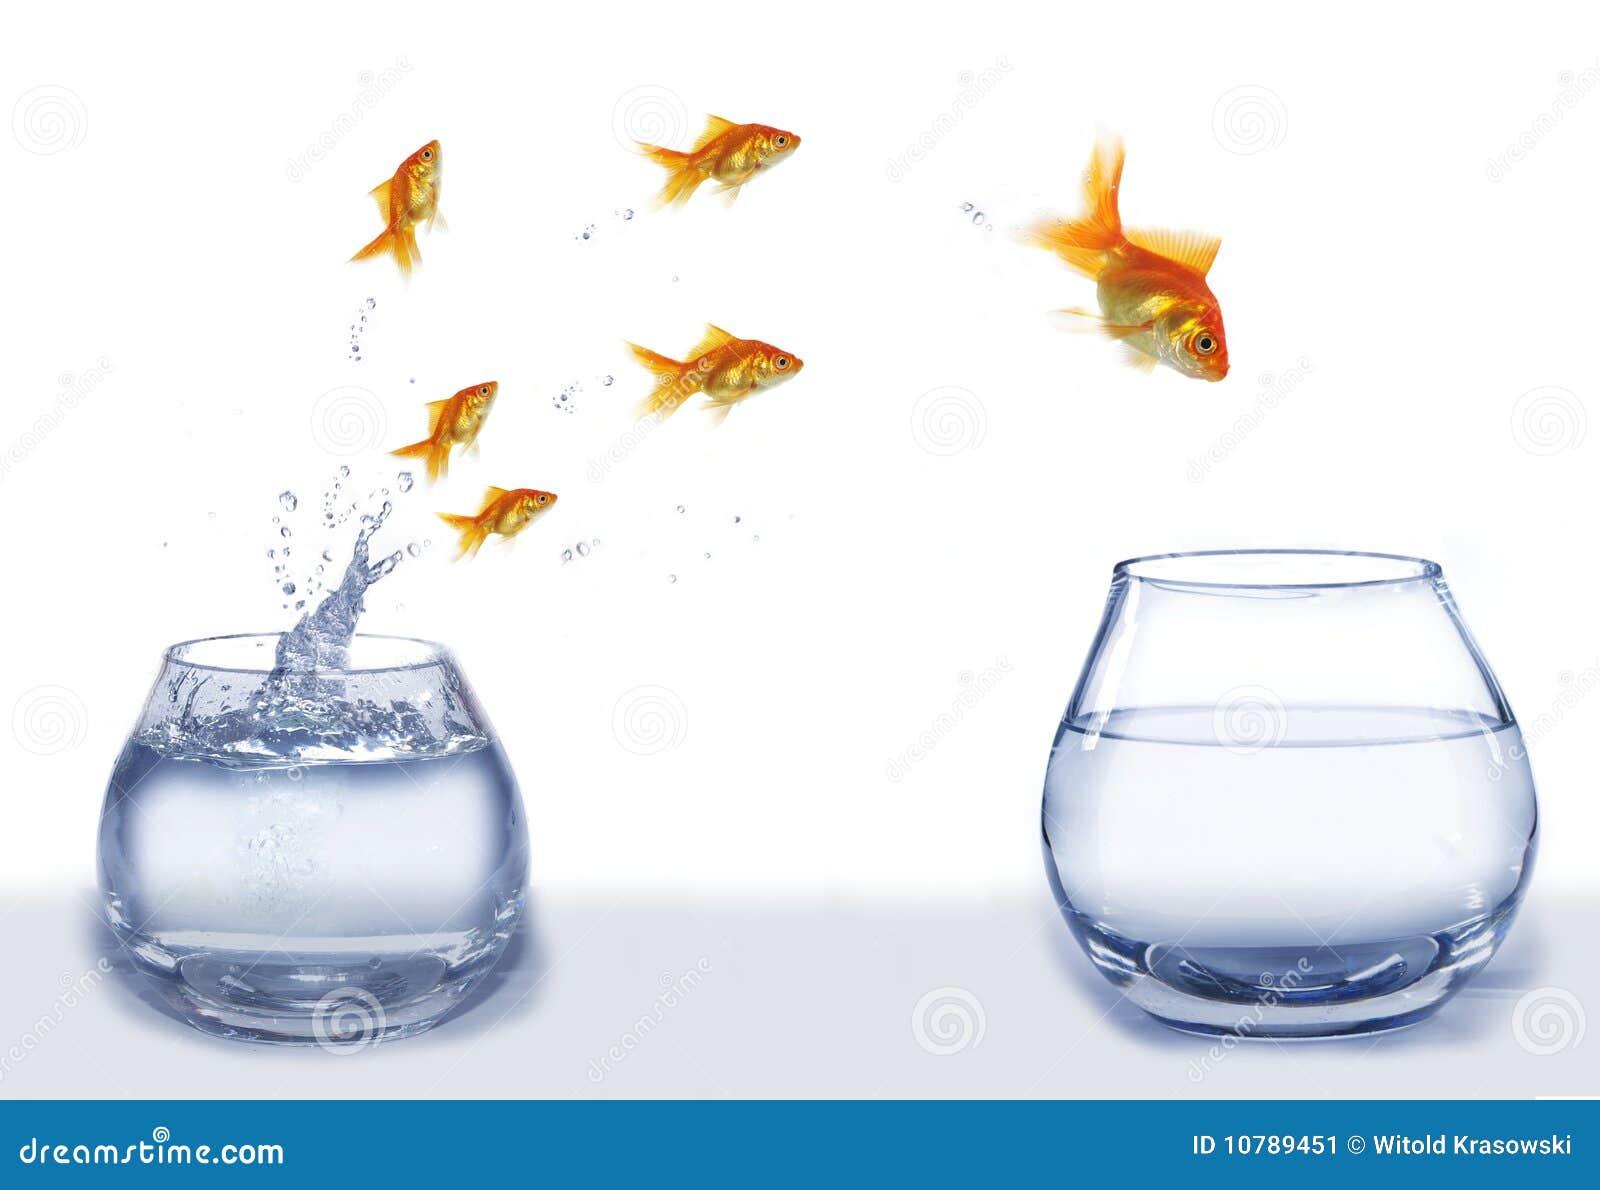 Springen sie goldfische von aquarium zu aquarium stockbild for Aquarium goldfische